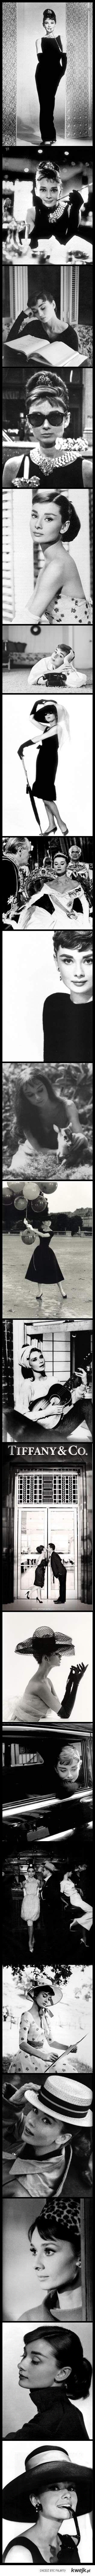 Fascino - Audrey Hepburn